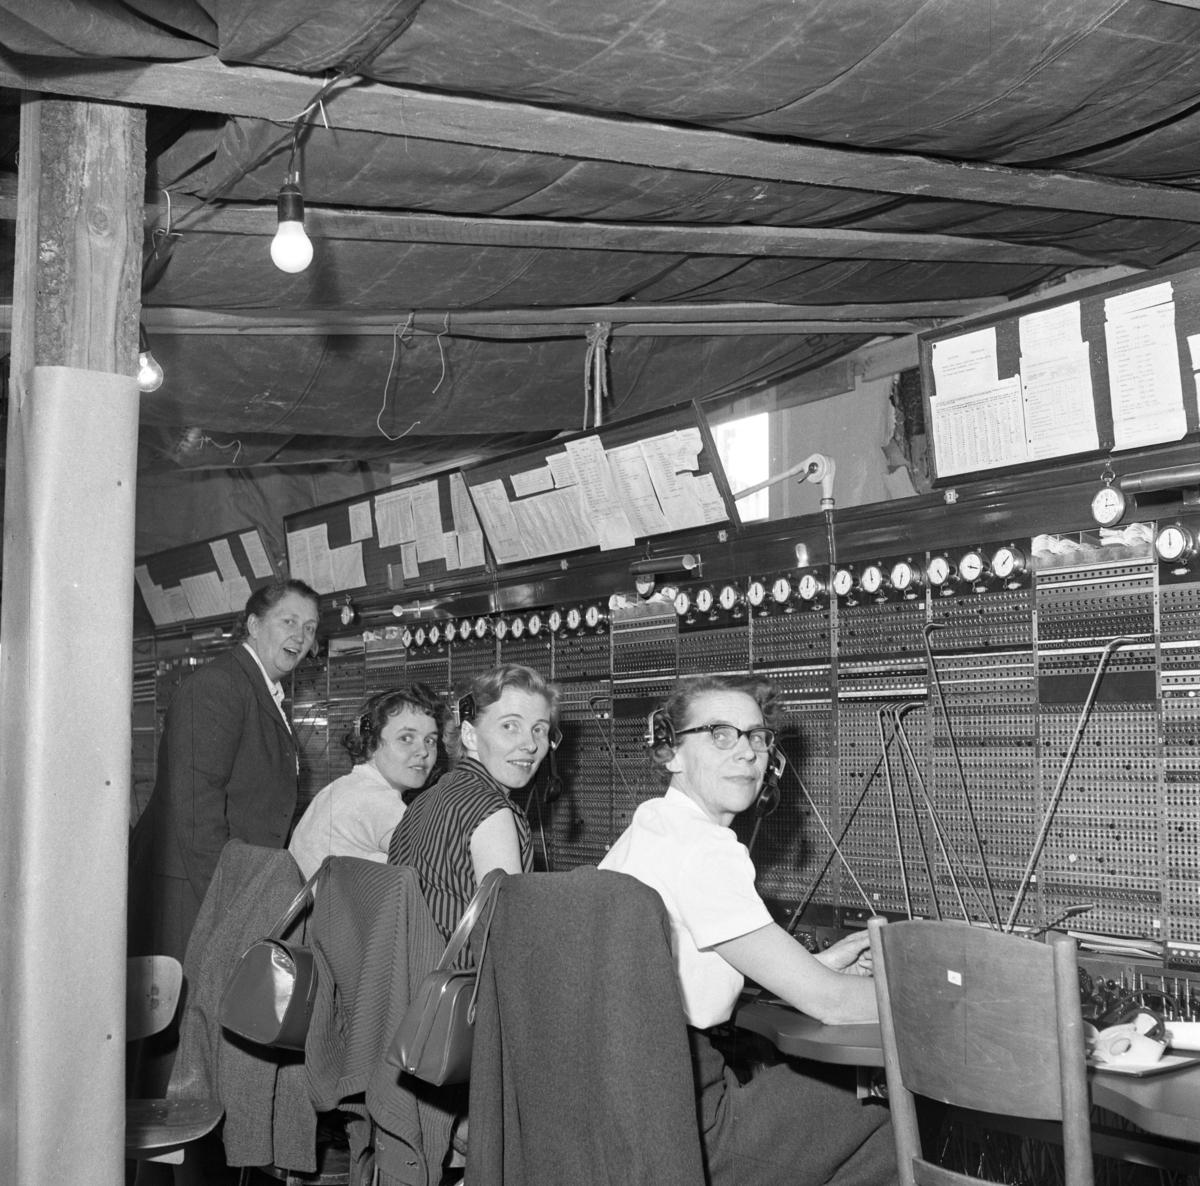 Det har brunnit i Televerkets lokal på Nygatan. Trots skadorna efter branden fortsätter telefonisterna sitt arbete vid växelborden. I taken hänger presenningar för att skydda växeln mot det vatten som användes i släckningsarbetet. I taket hänger nakna glödlampor. Läs om Telefonen i Arboga och branden på Televerket 1956 i Arboga Minnes årsbok 1993.